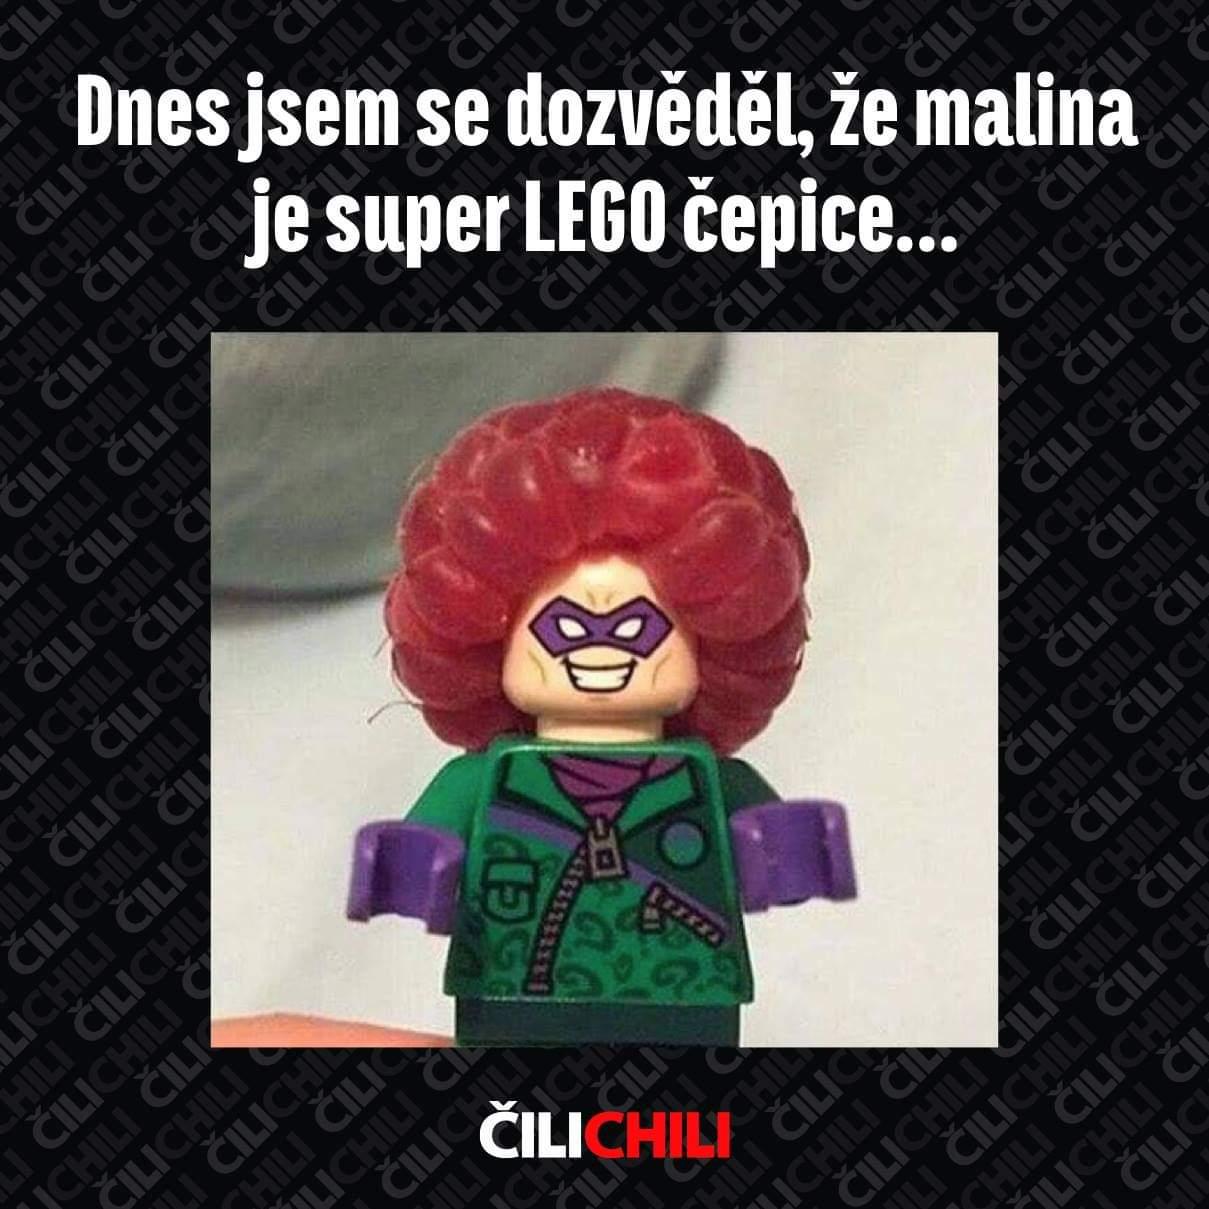 Obrázek Legomalina